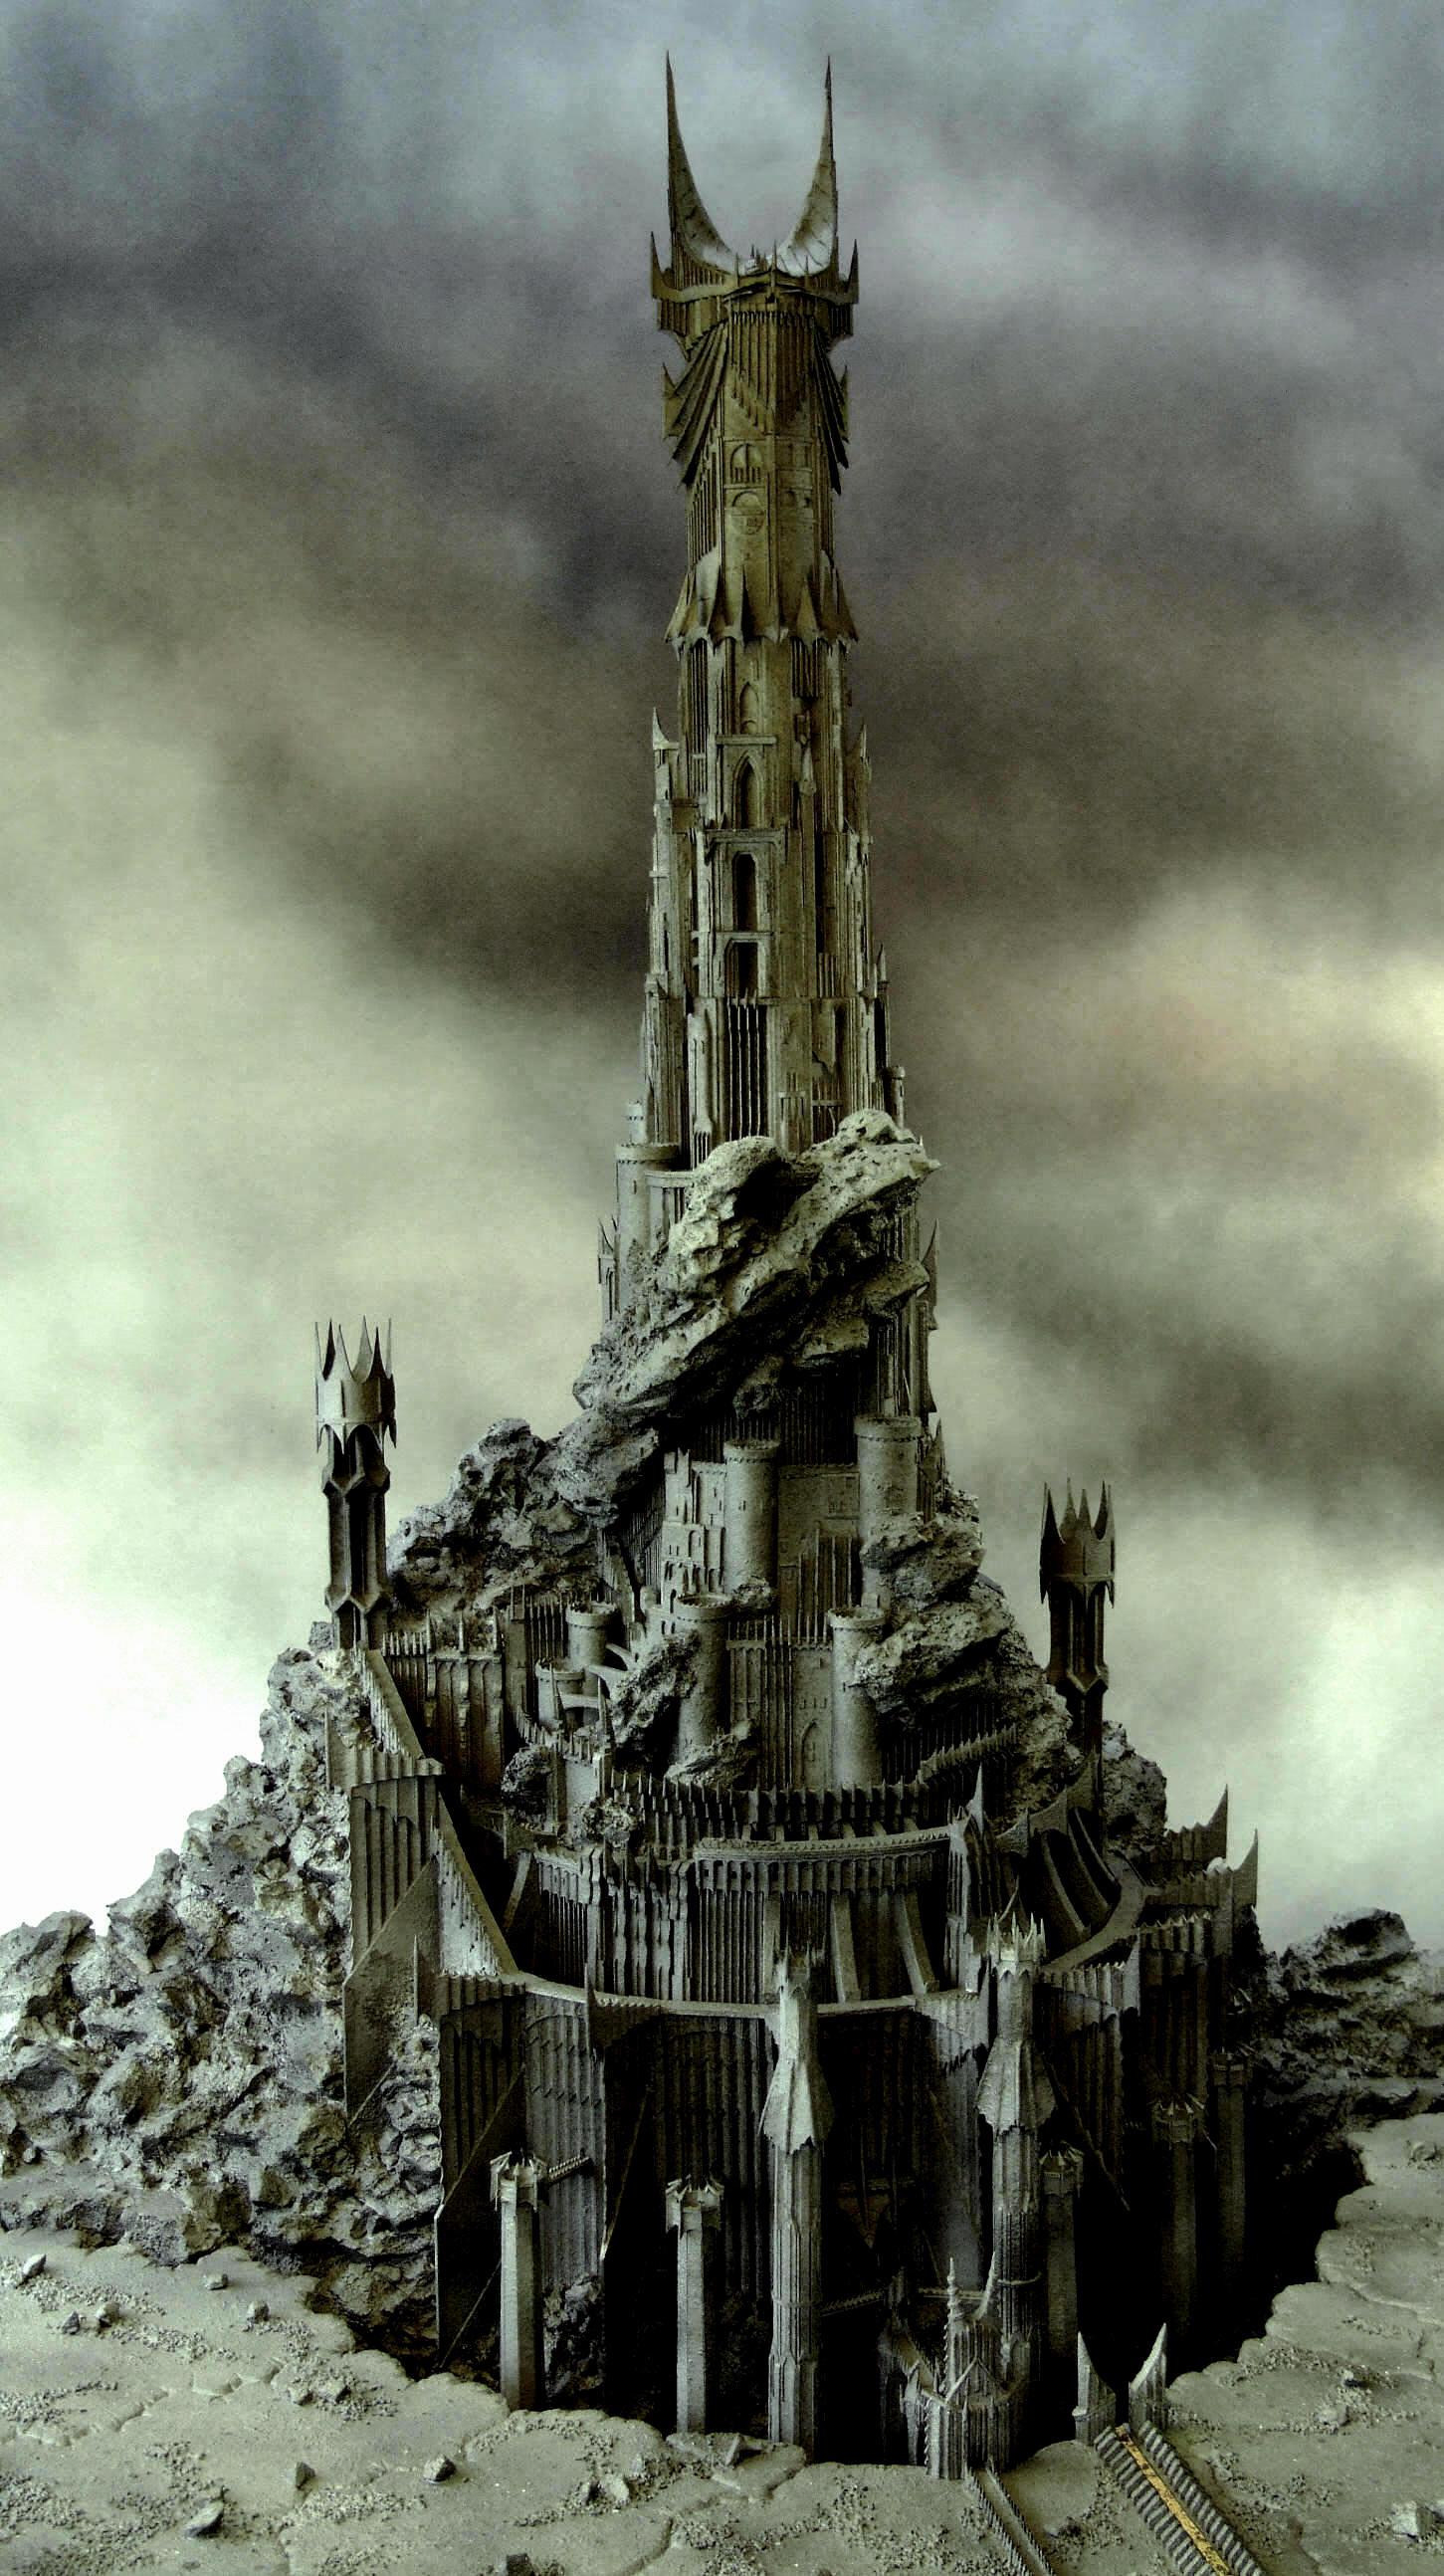 lotr-Barad-dur_Dark_Tower_Sauron_I_large.jpg